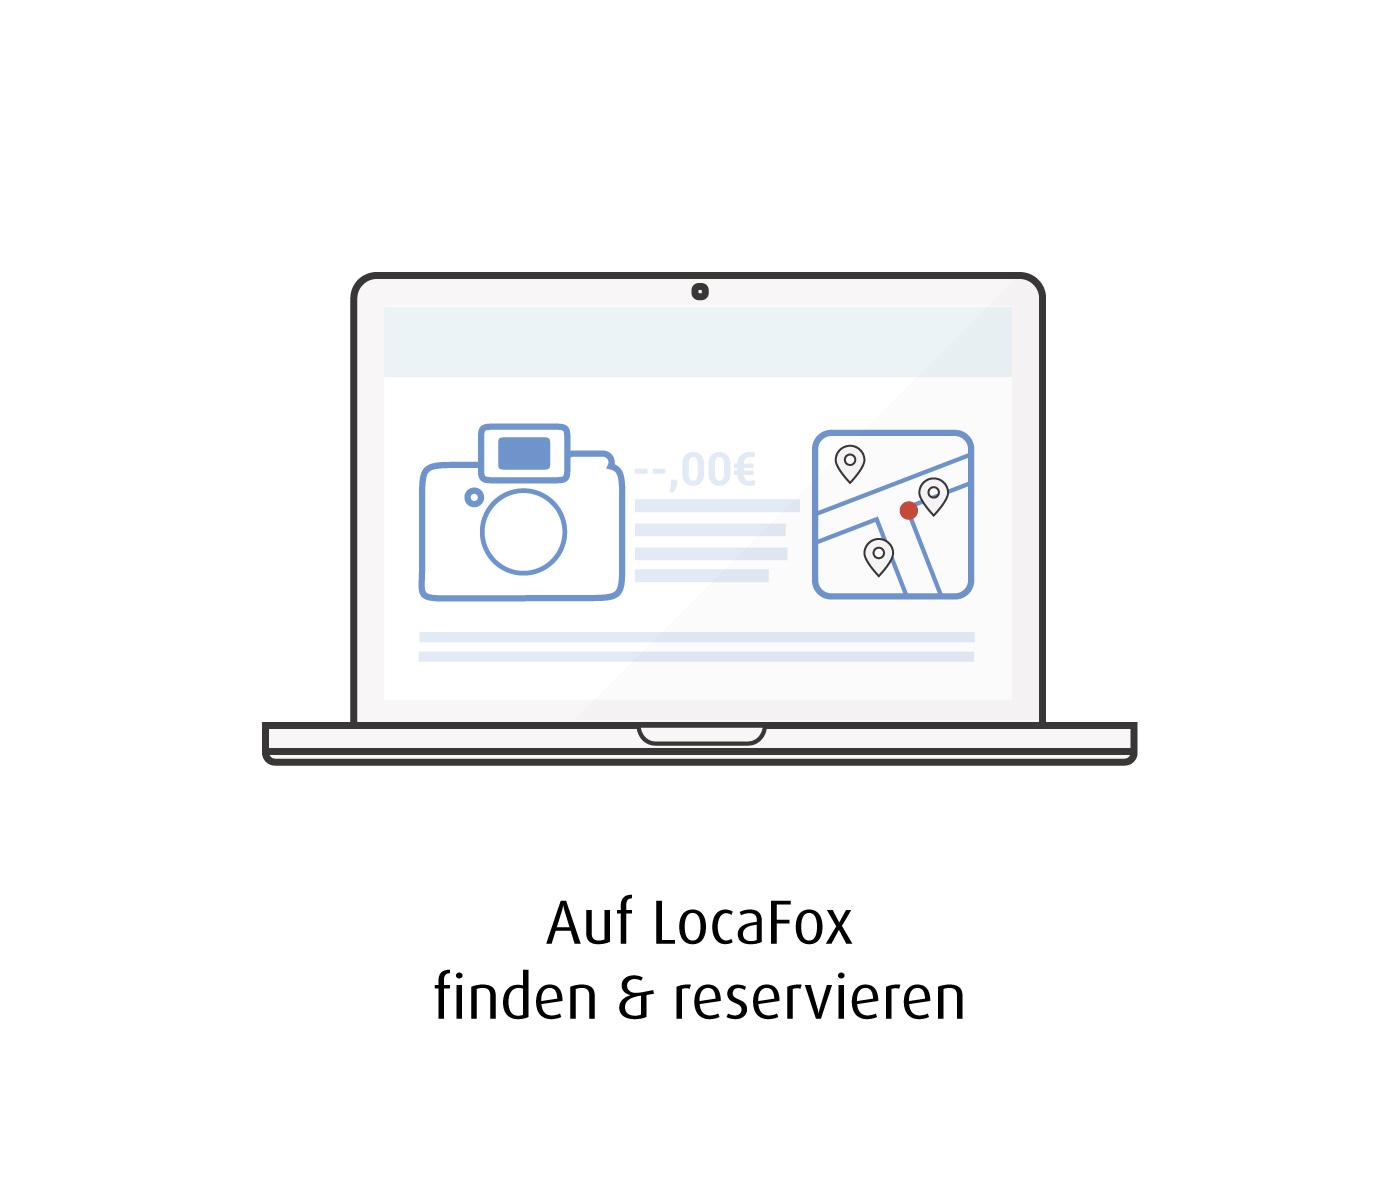 Auf Locafox finden und reservieren